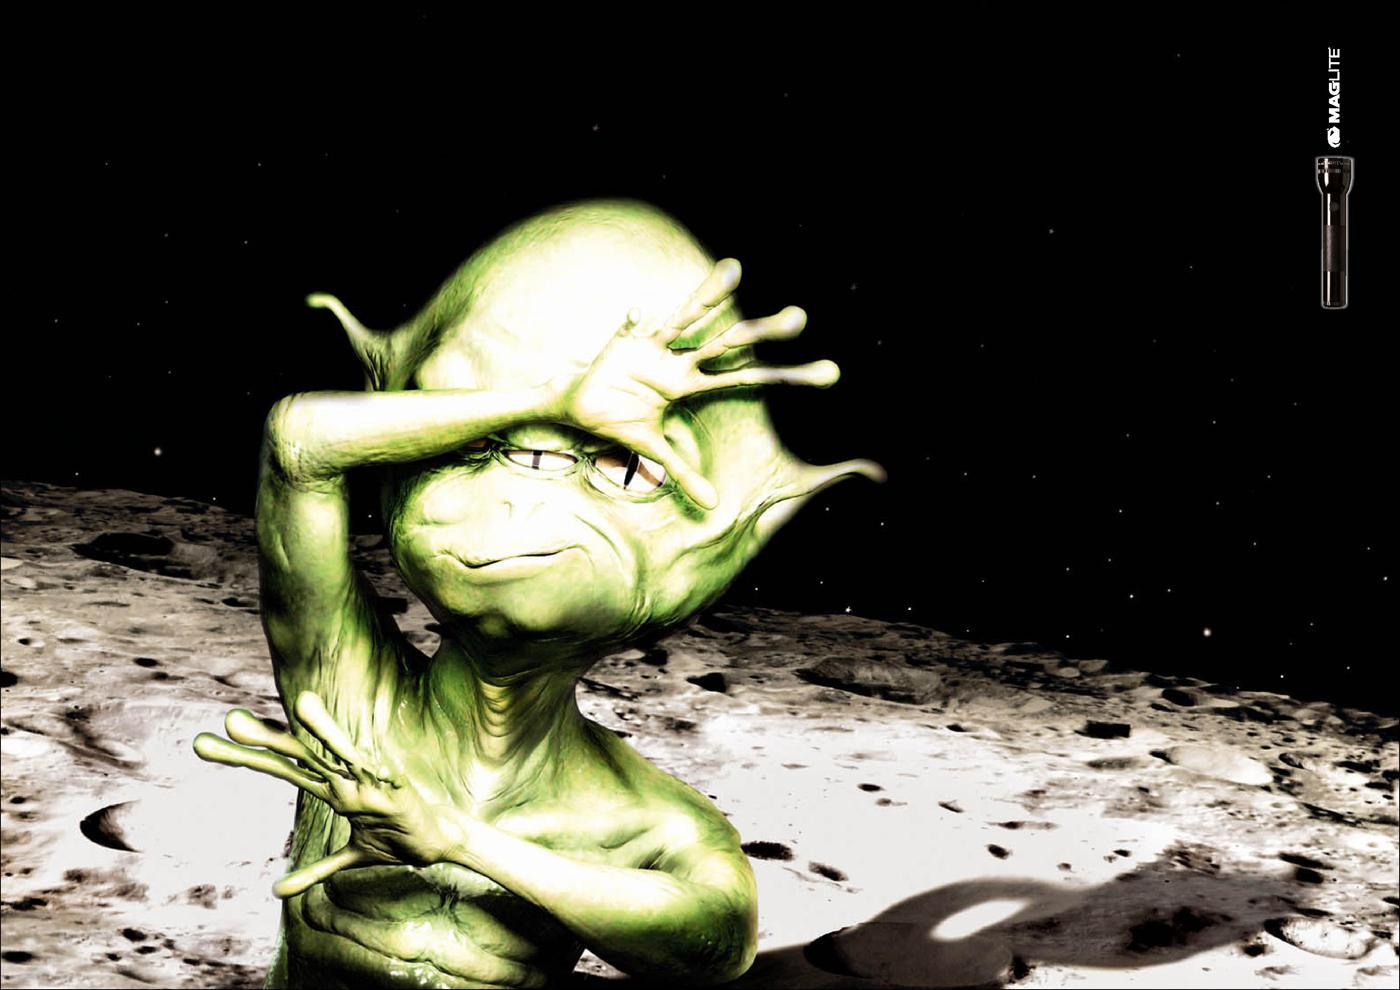 Картинки пришельцев смешные, картинка надписью